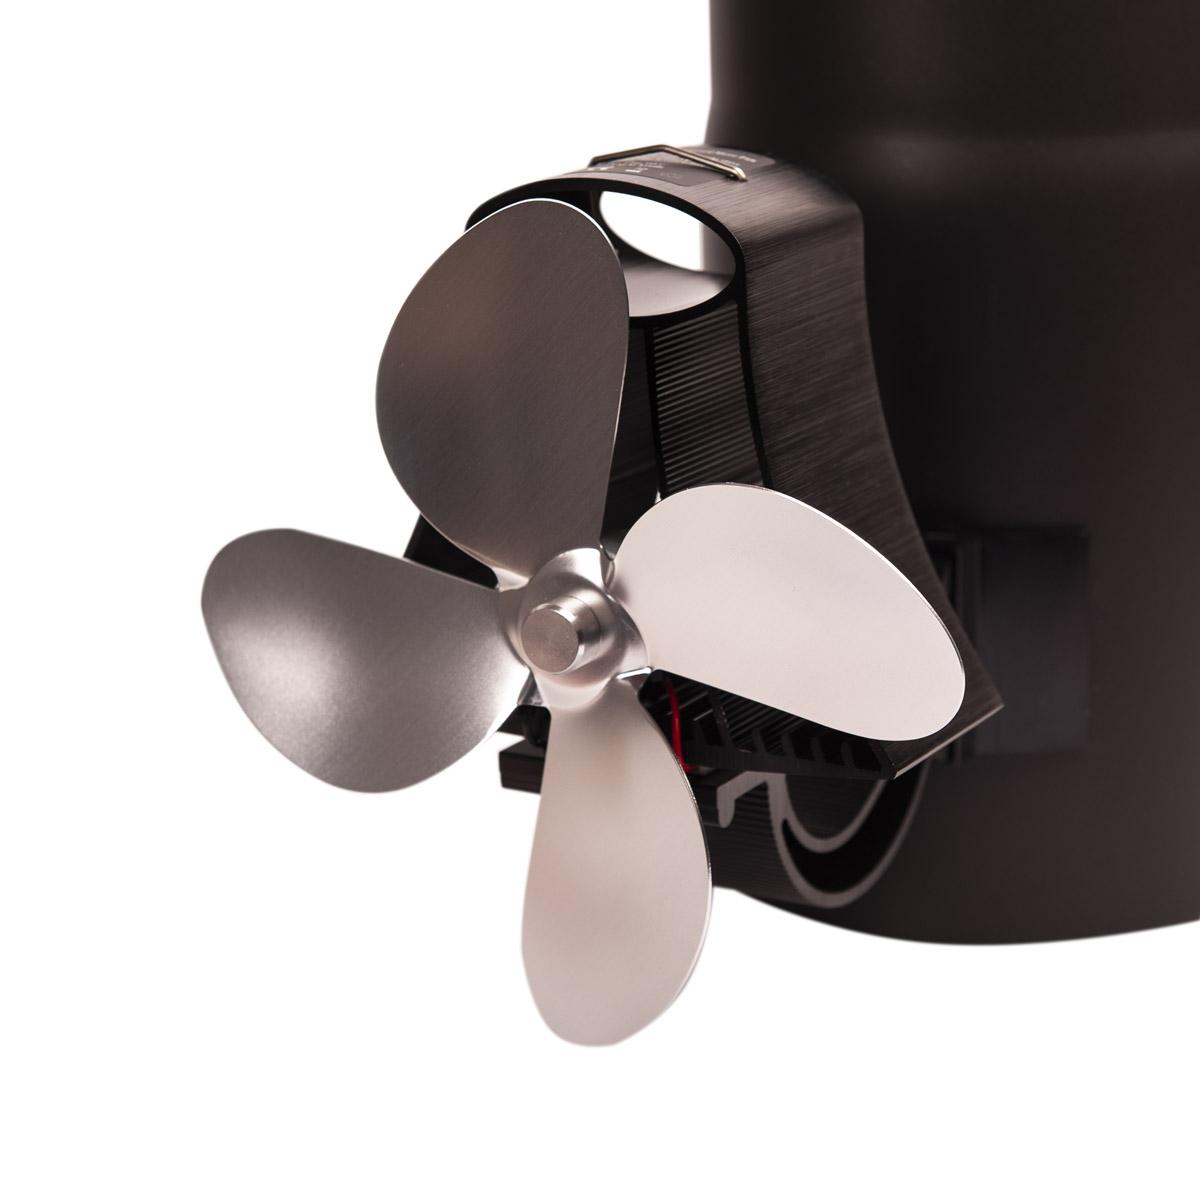 Ventilátor na kouřovod FLAMINGO čtyřlopatkový magnetický, stříbrný